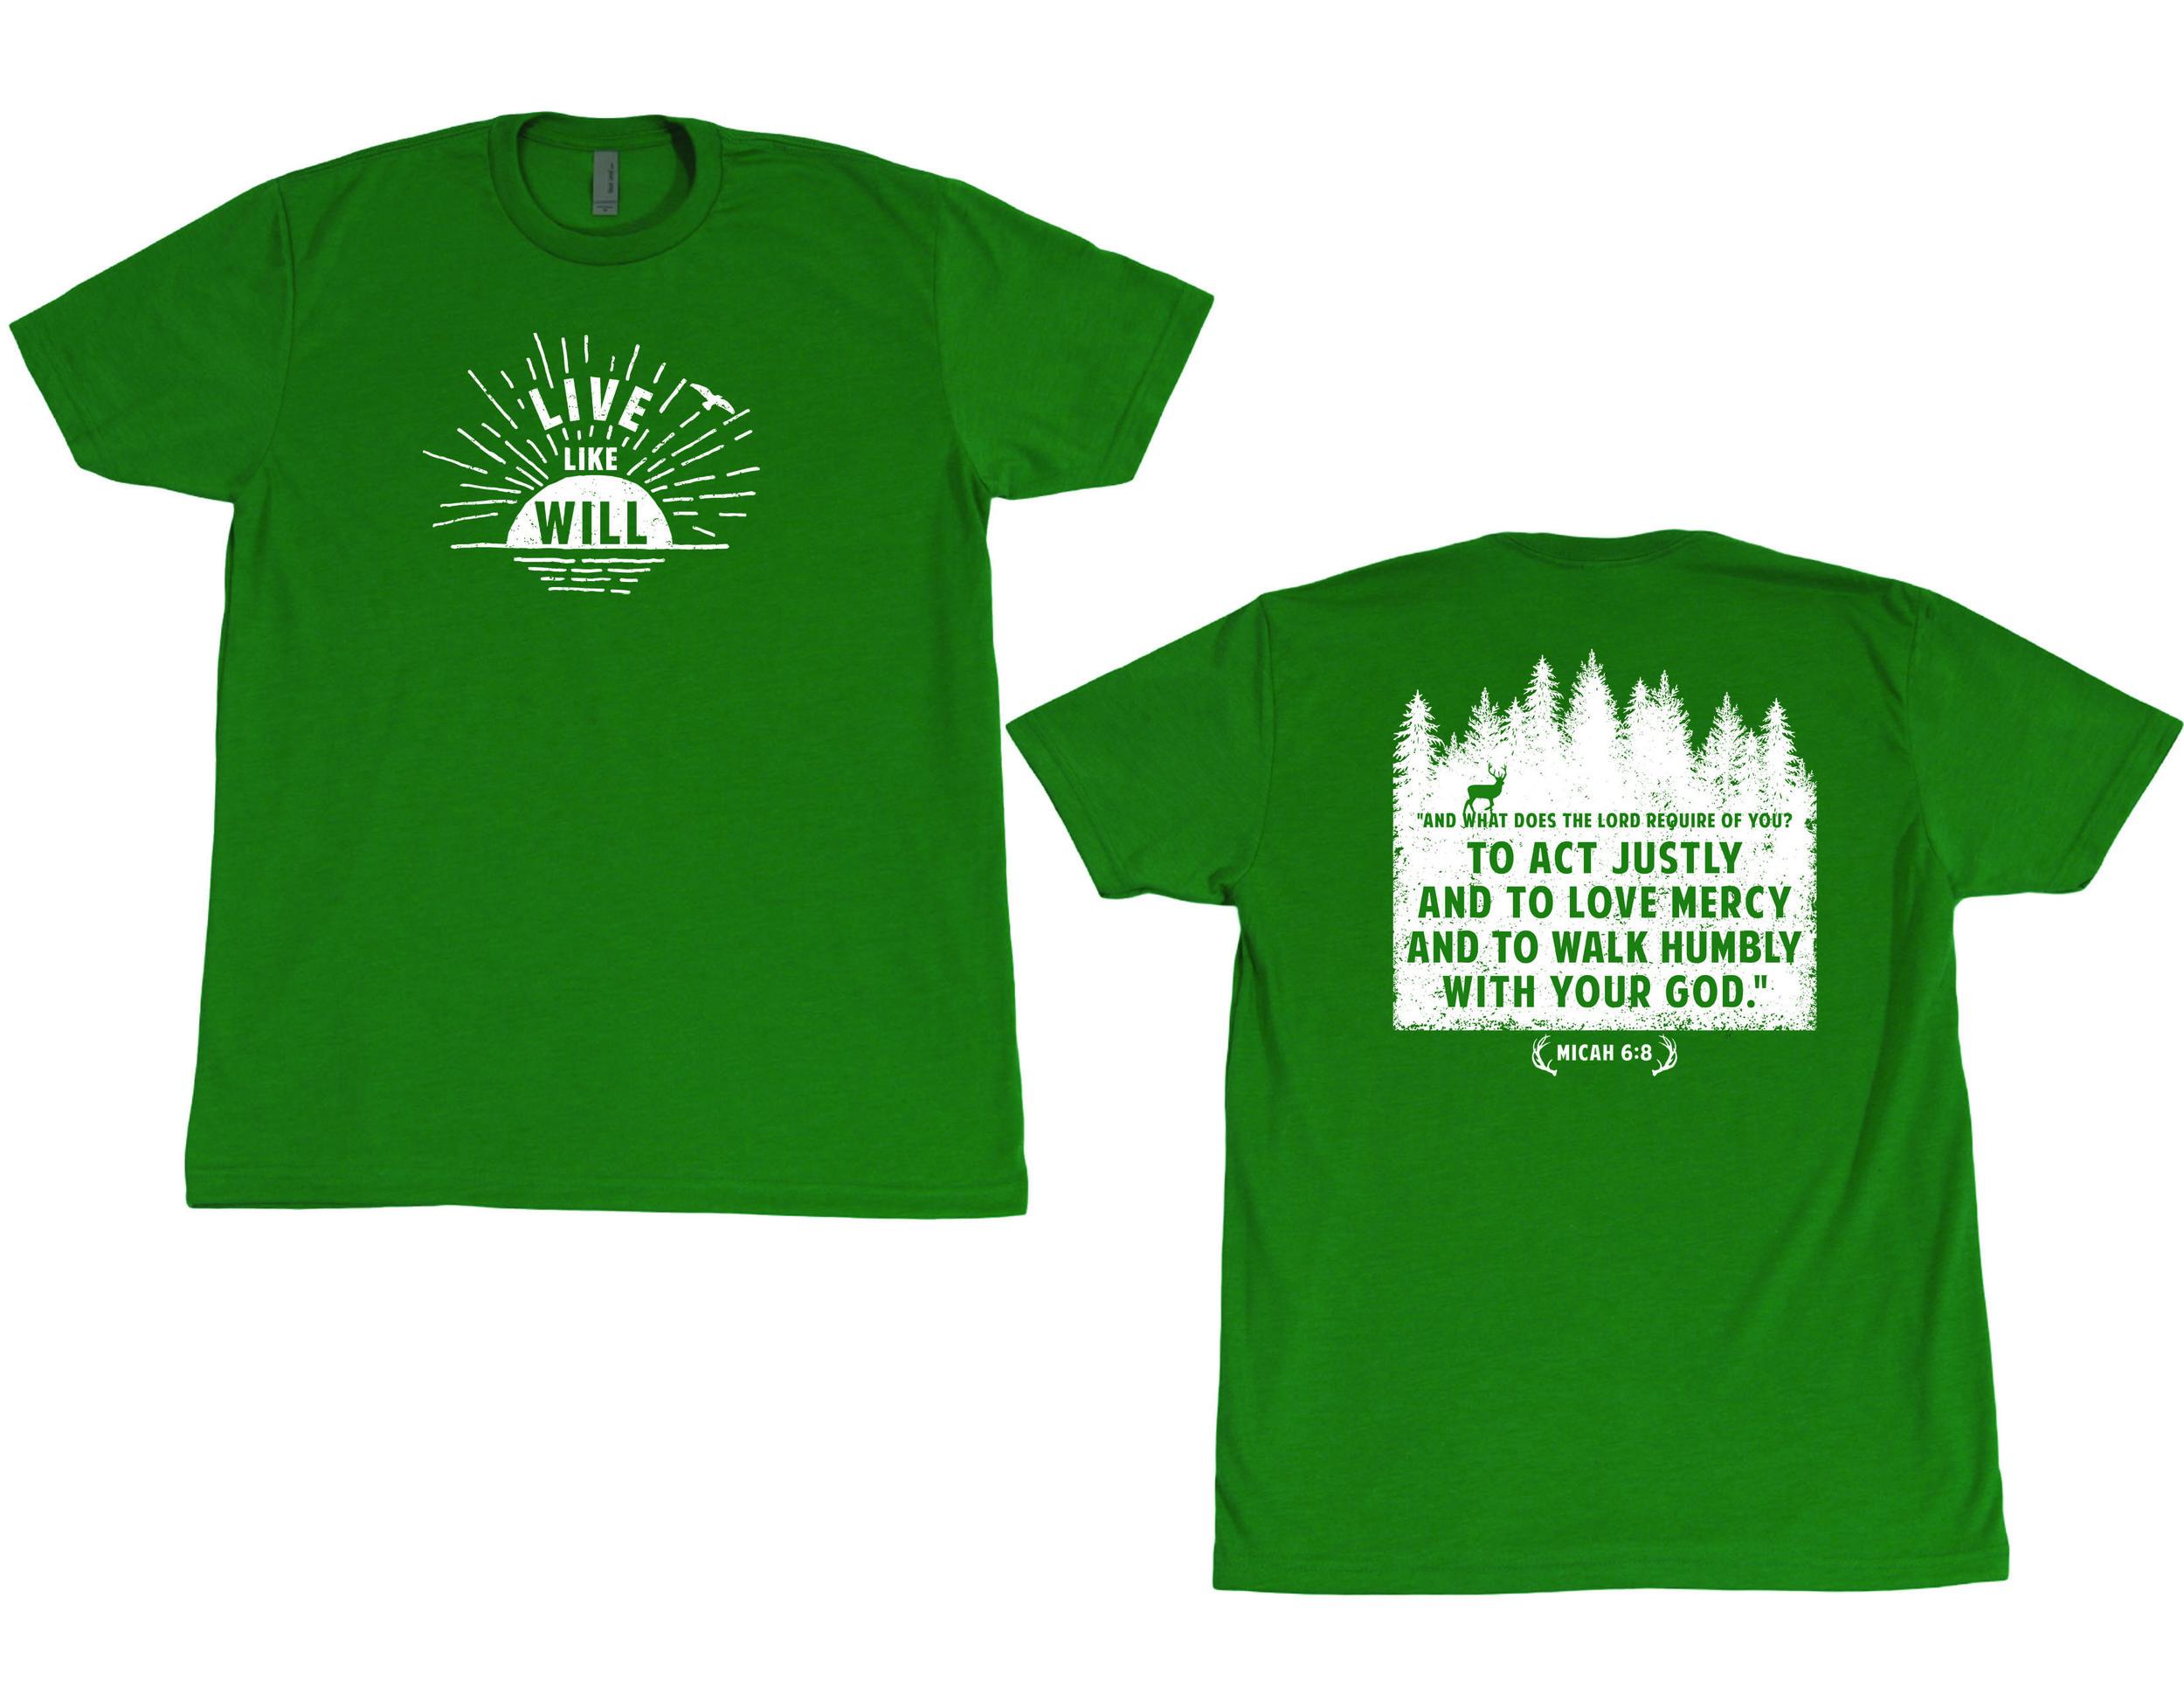 LLW_Shirt.jpg